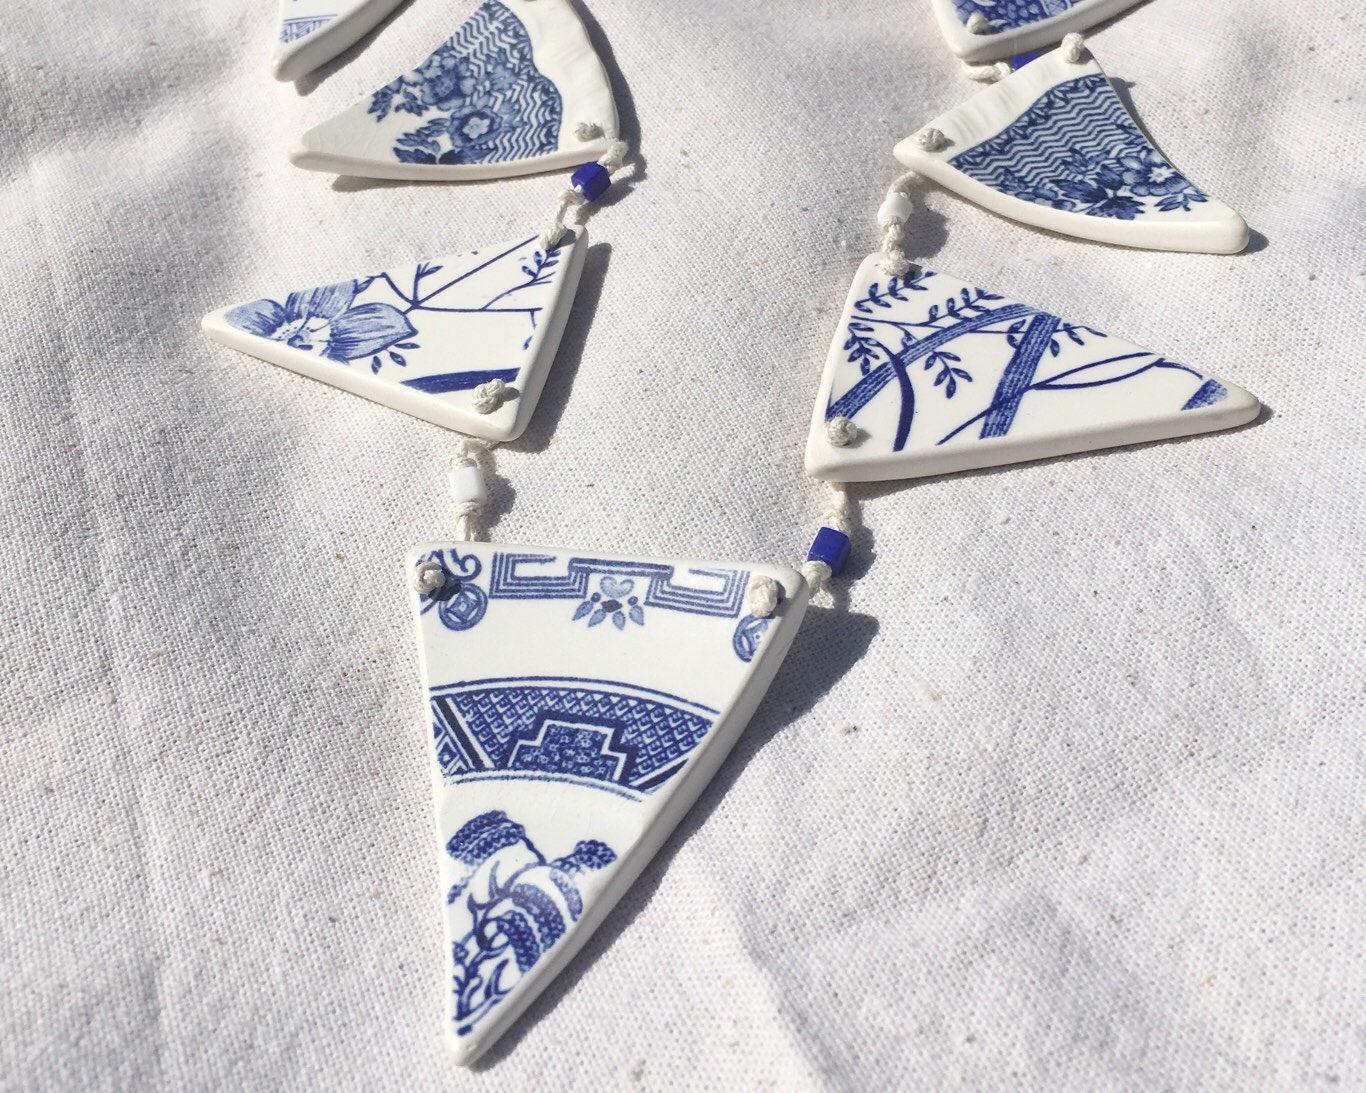 Tumbled china bunting  sea pottery finish  Blue  white